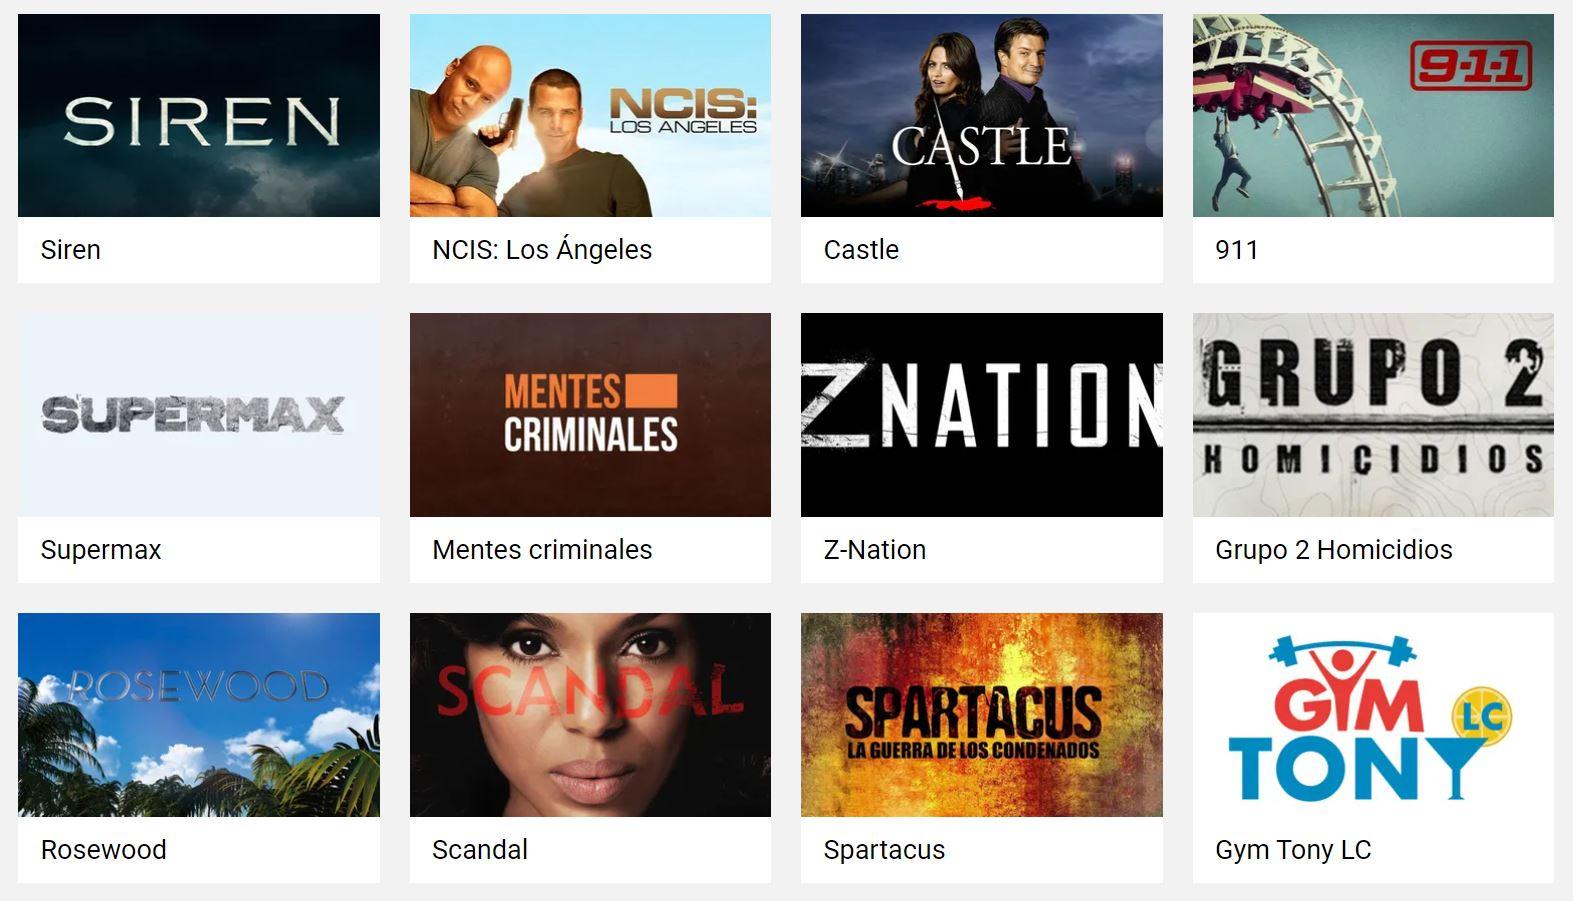 Cuatro es un canal de TV español